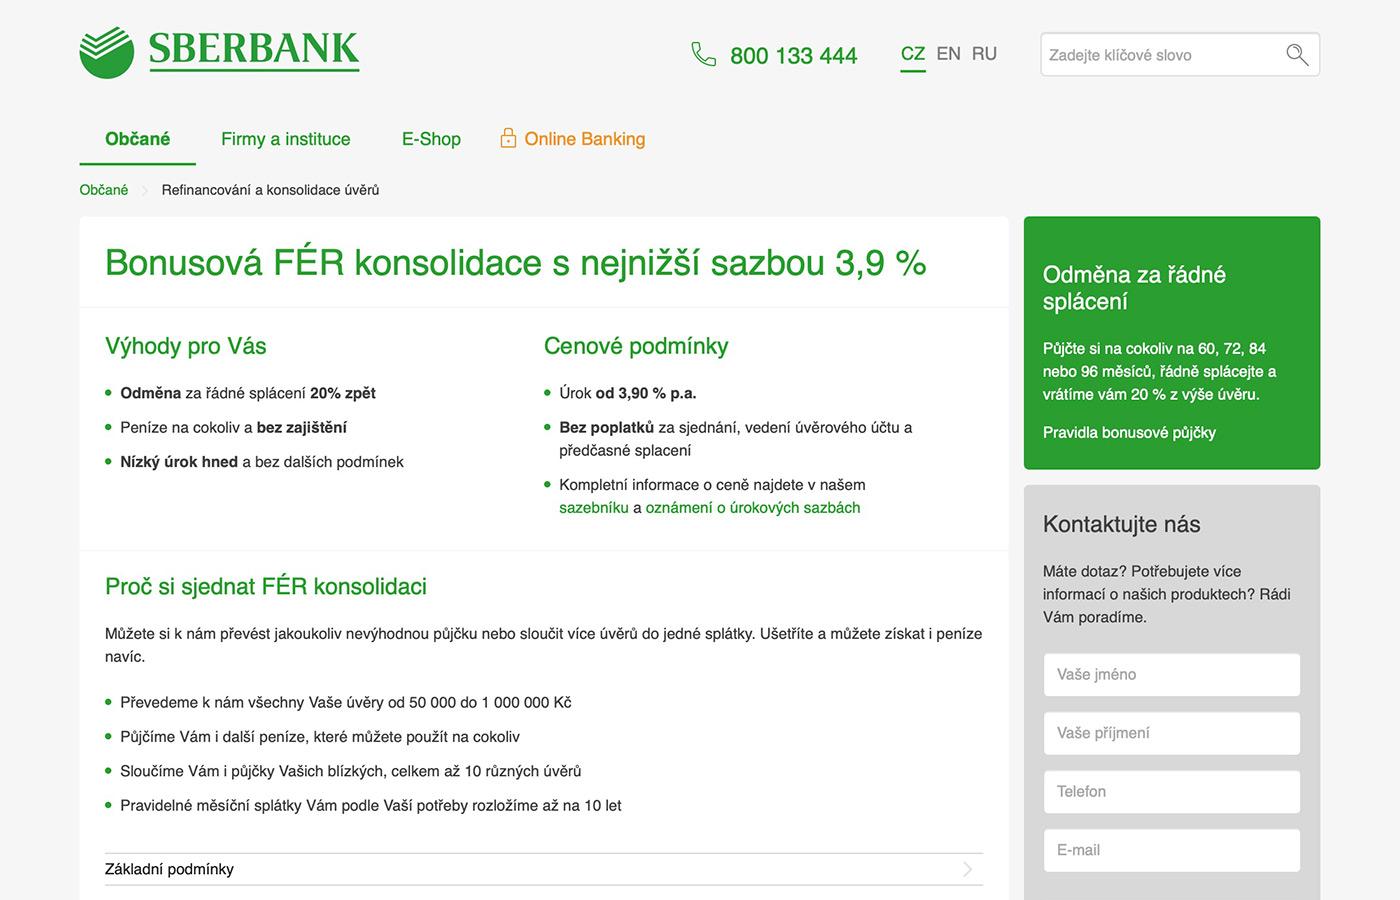 Webové stránky https://www.sberbankcz.cz/obcane/refinancovani-a-konsolidace-uveru